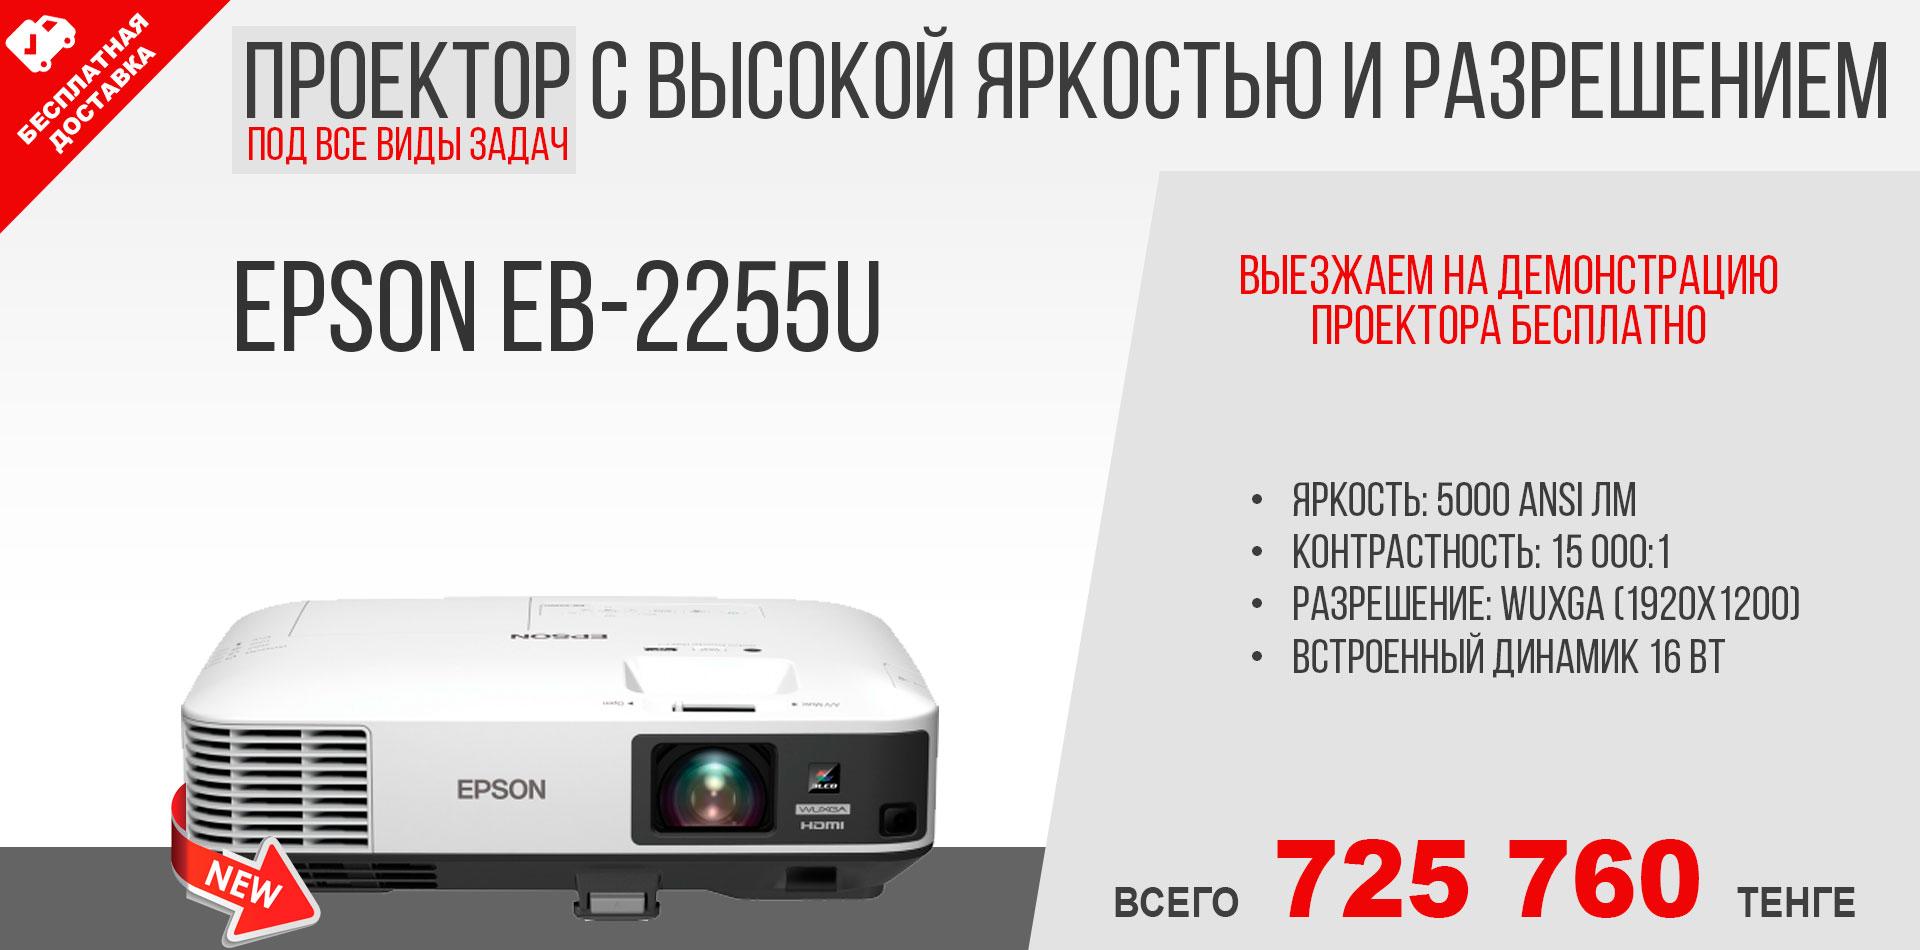 EPSON EB-2255U В АСТАНЕ